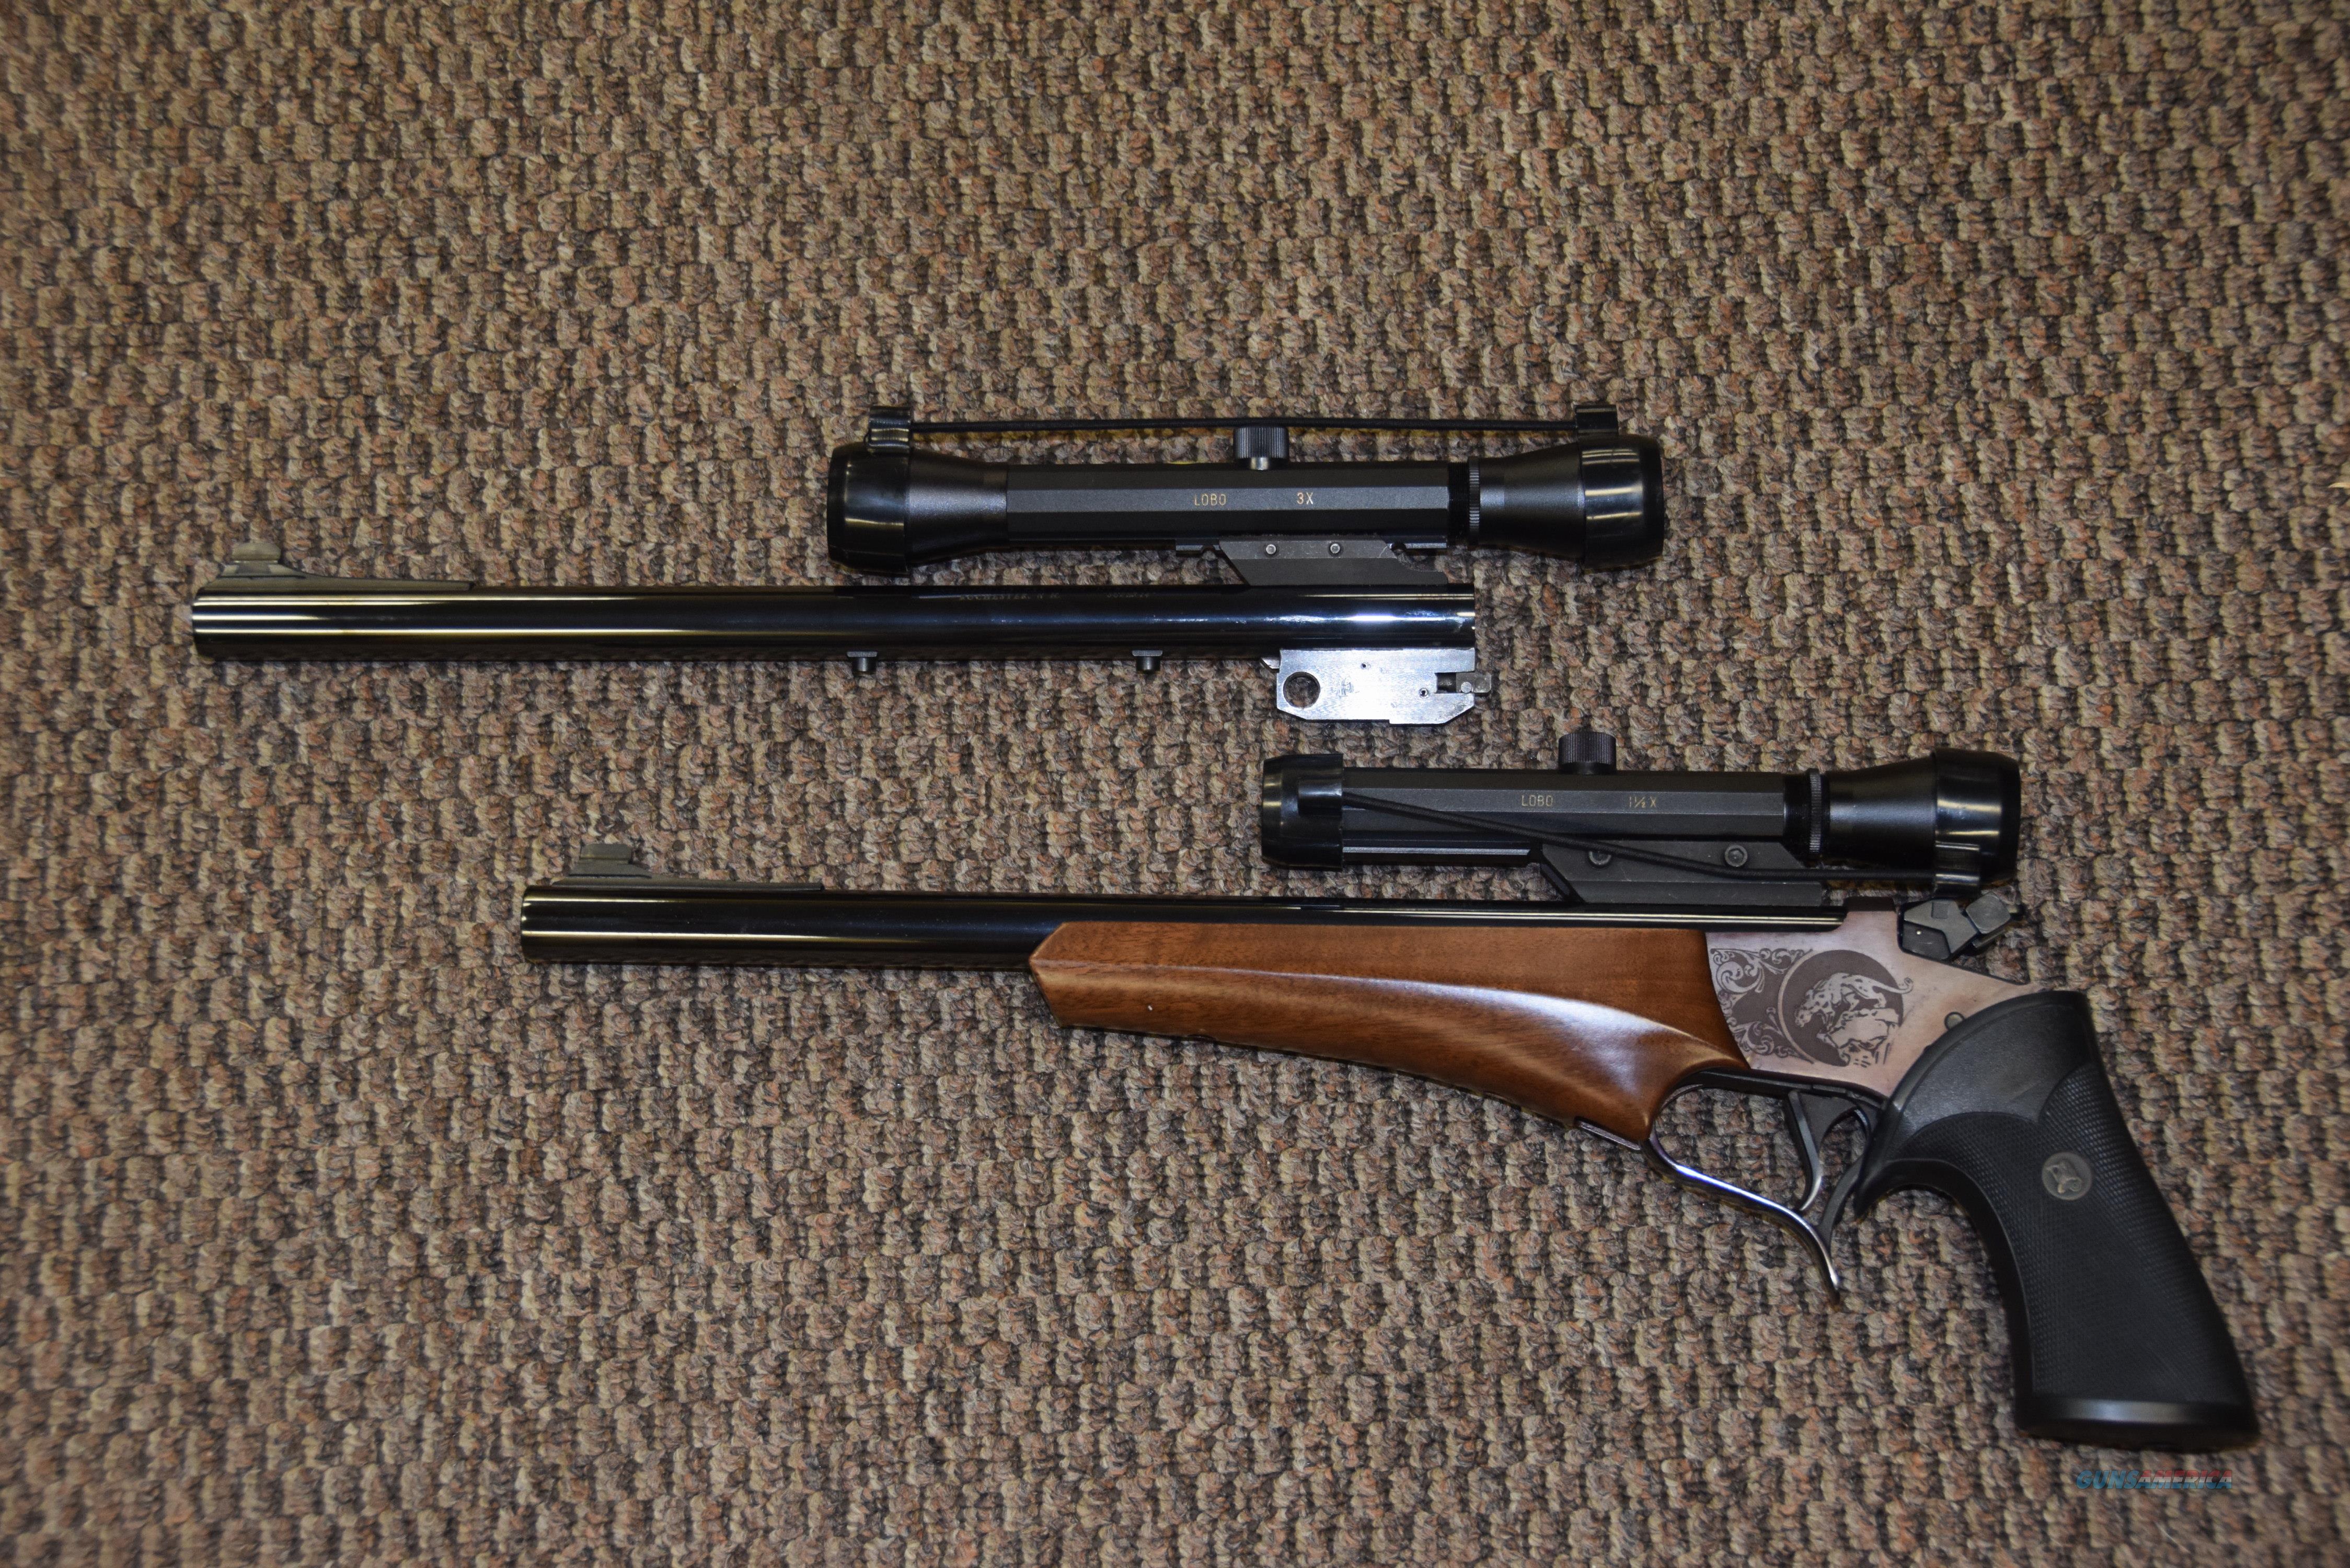 THOMPSON CENTER CONTENDER WITH 2 BARRELS/SCOPES: 35 REM AND .357 HERRETT  Guns > Pistols > Thompson Center Pistols > Contender